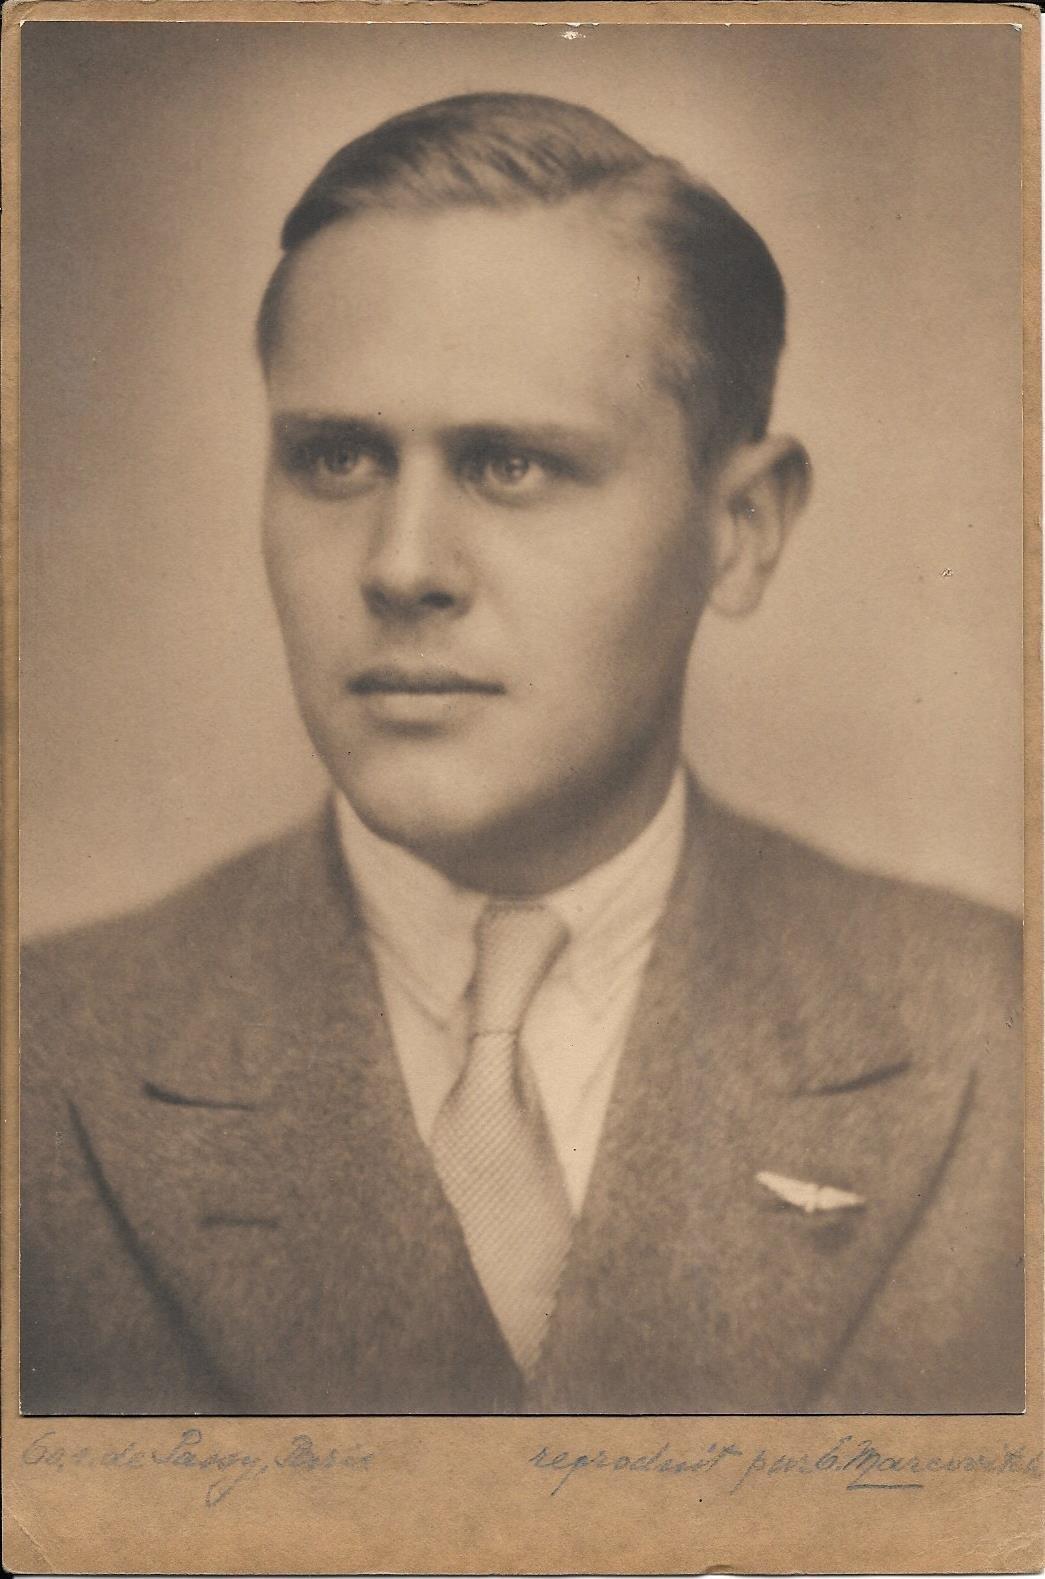 Nikita Wladimirovitch Dobrynin, el padre de Eugenio (1932)